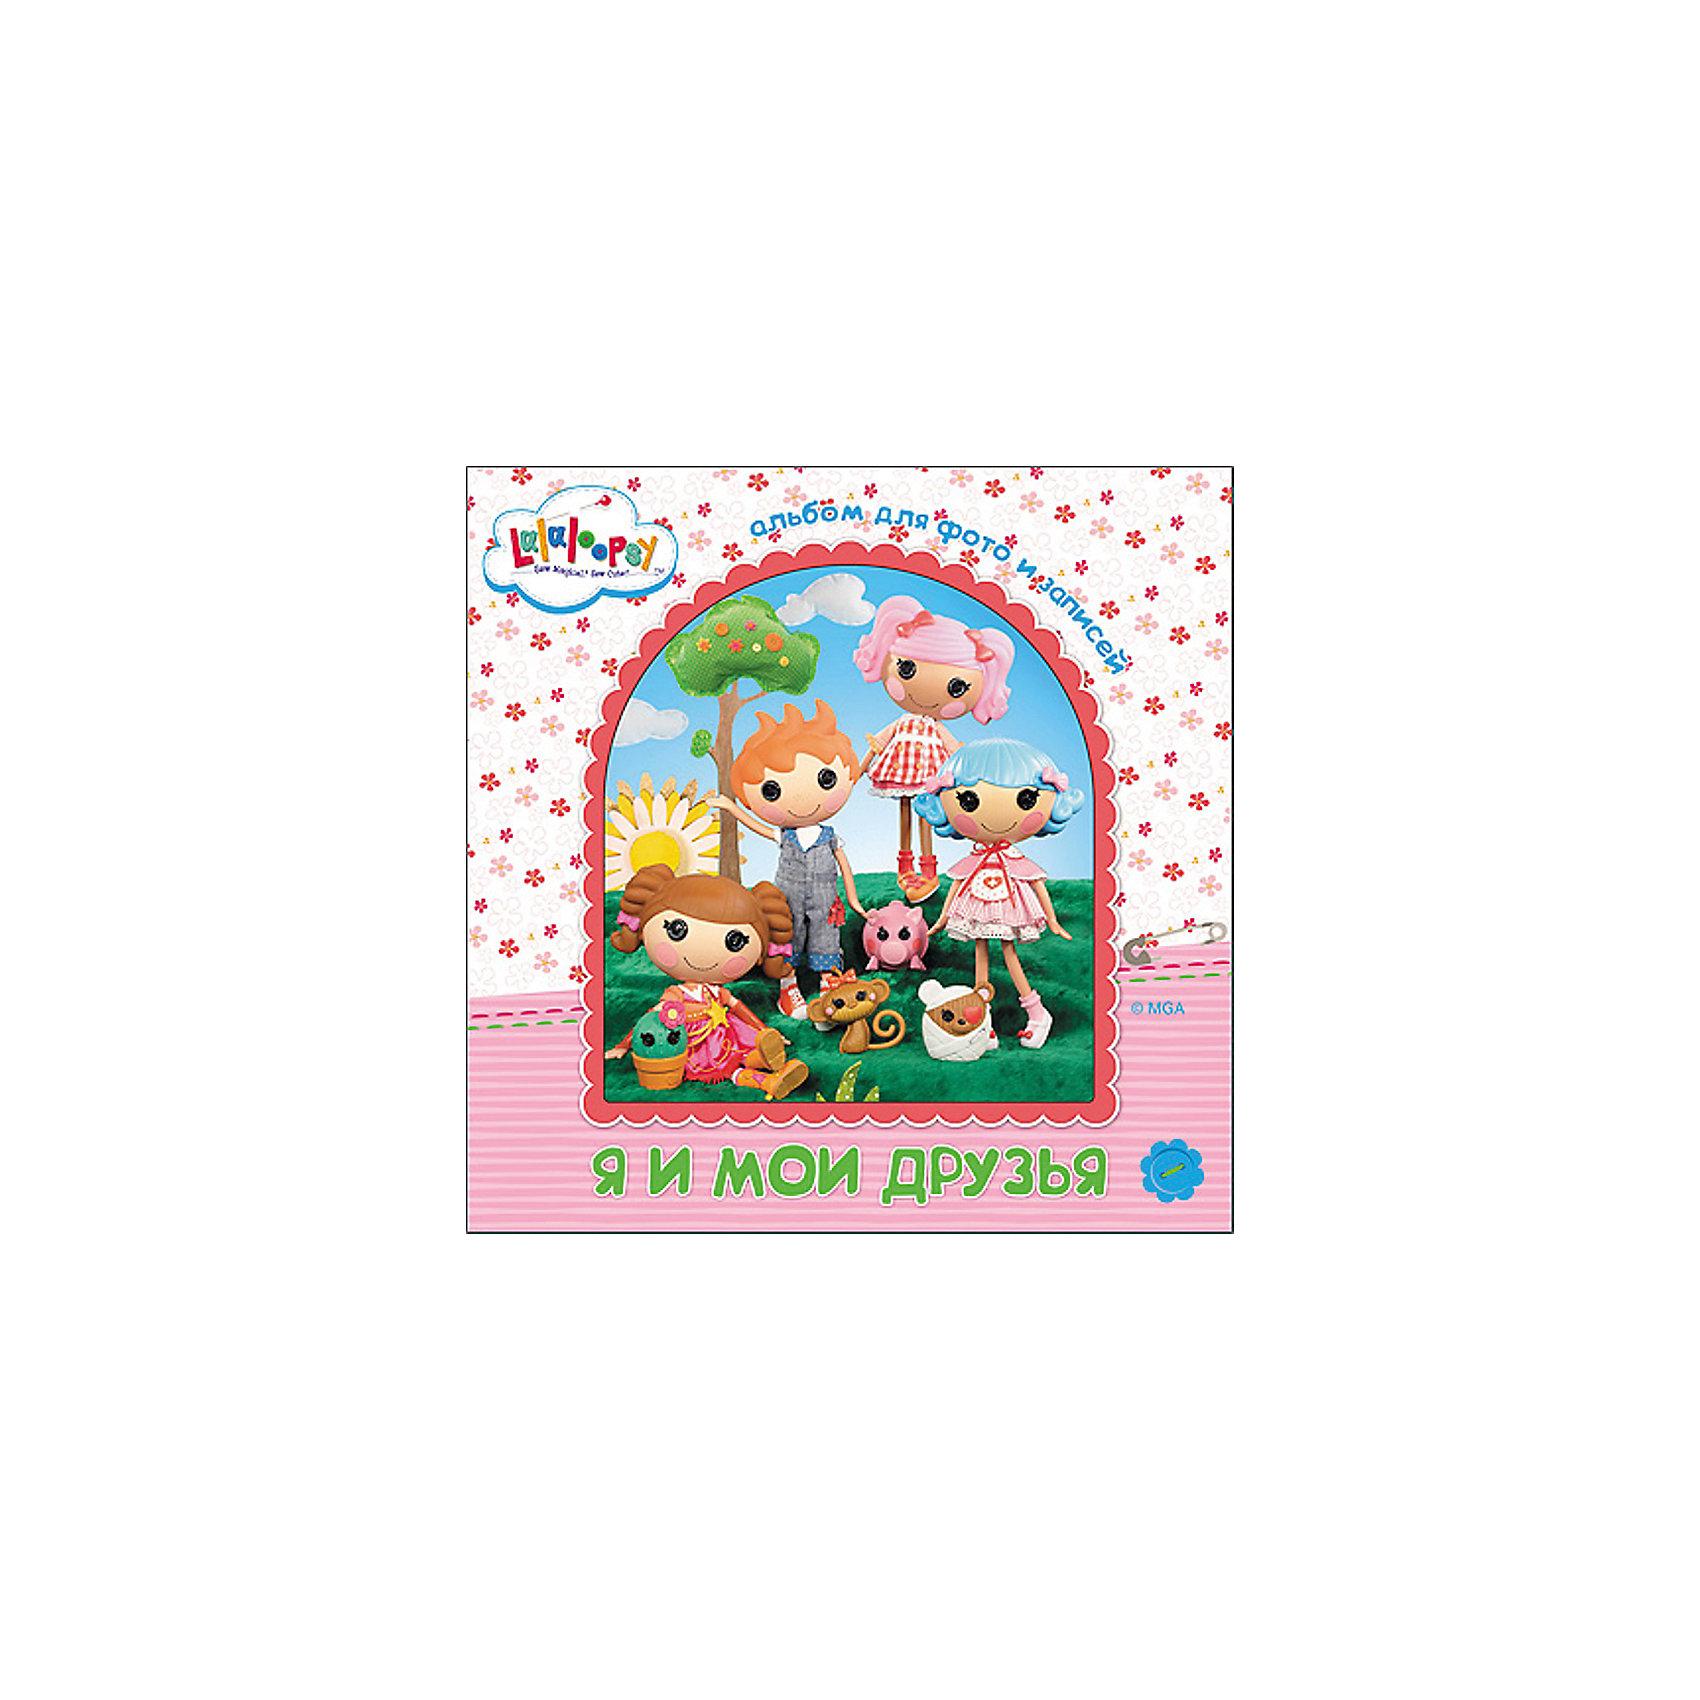 Альбом для фото Я и мои друзья, ЛалалупсиДетские предметы интерьера<br>Милые куколки из страны Лалалупсии — лучшие подружки в мире! Они умеют веселиться, дарить подарки и, конечно, хранить секреты. В волшебных красивых альбомах Лалалупси помогут тебе сохранить самые приятные моменты и дорогие воспоминания. И ты с радостью будешь перелистывать чудесные страницы снова и снова!<br><br>Дополнительная информация:<br><br>Переплет: твердый<br>Страниц: 36<br>Формат: 265х265 мм<br><br>Альбом для фото Я и мои друзья, Лалалупси можно купить в нашем магазине.<br><br>Ширина мм: 265<br>Глубина мм: 5<br>Высота мм: 265<br>Вес г: 400<br>Возраст от месяцев: 60<br>Возраст до месяцев: 84<br>Пол: Унисекс<br>Возраст: Детский<br>SKU: 4612602